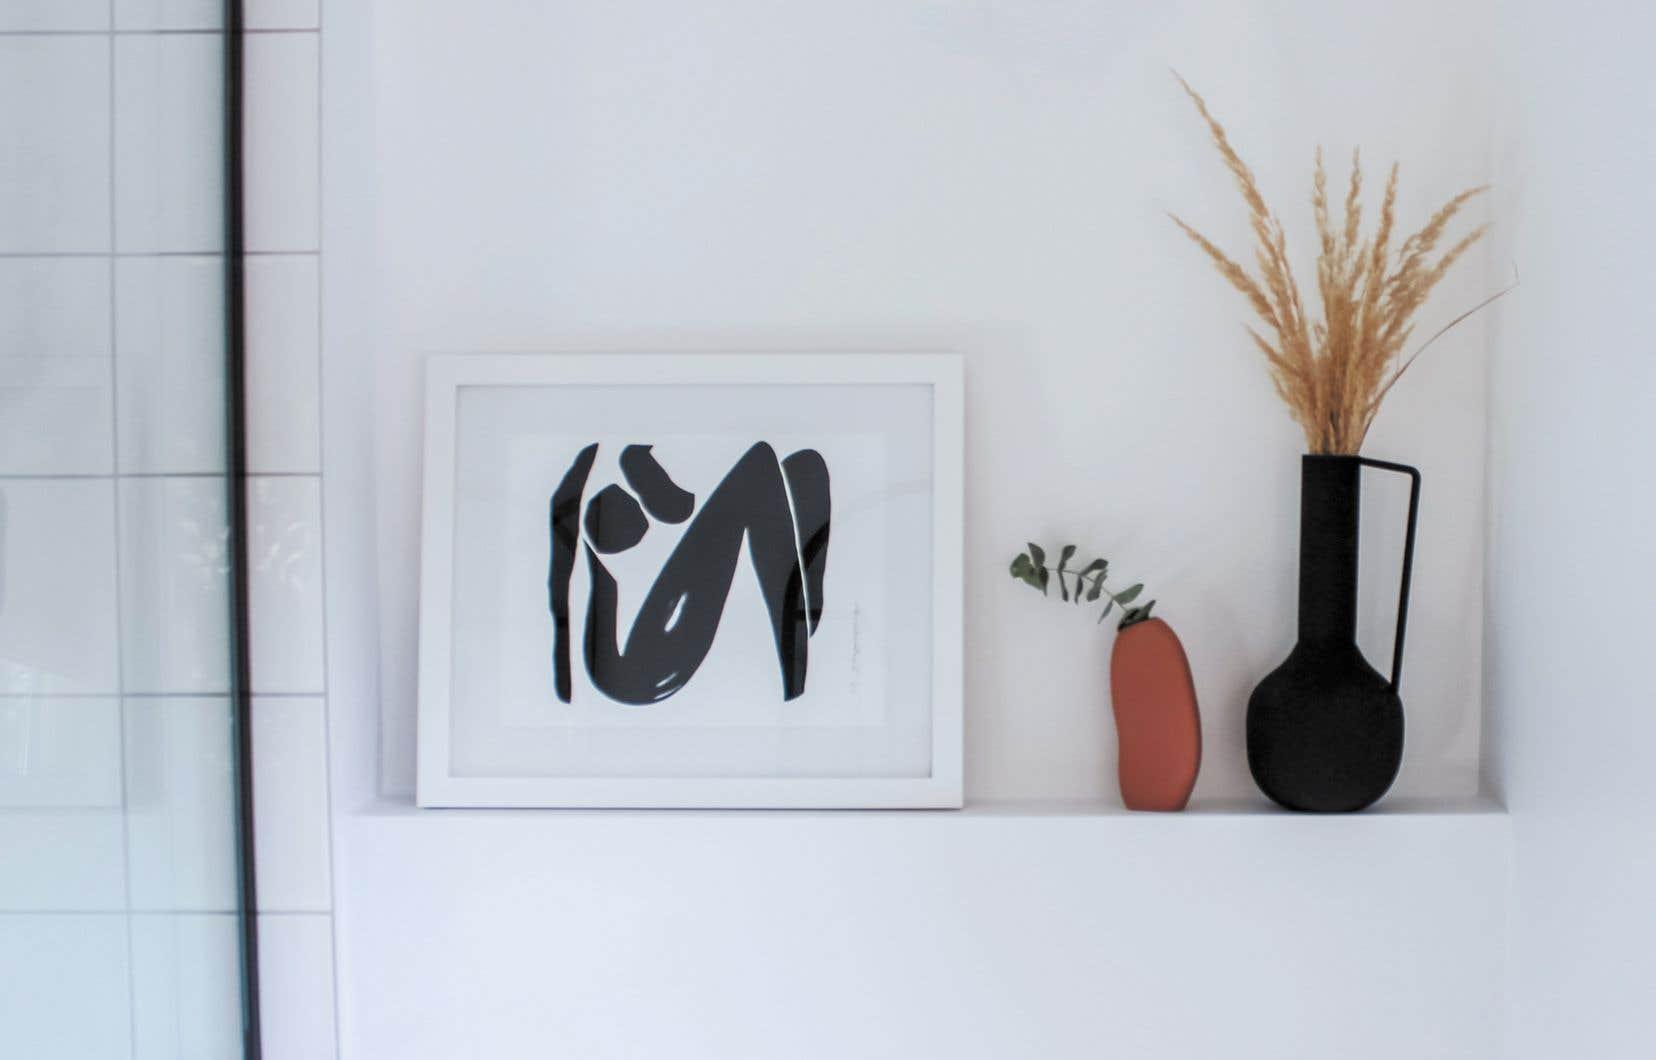 Pour mettre en valeur une toile, le studio de design Les Casanières suggère notamment de choisir des éléments qui auront pour effet de rediriger le regard vers l'objet.